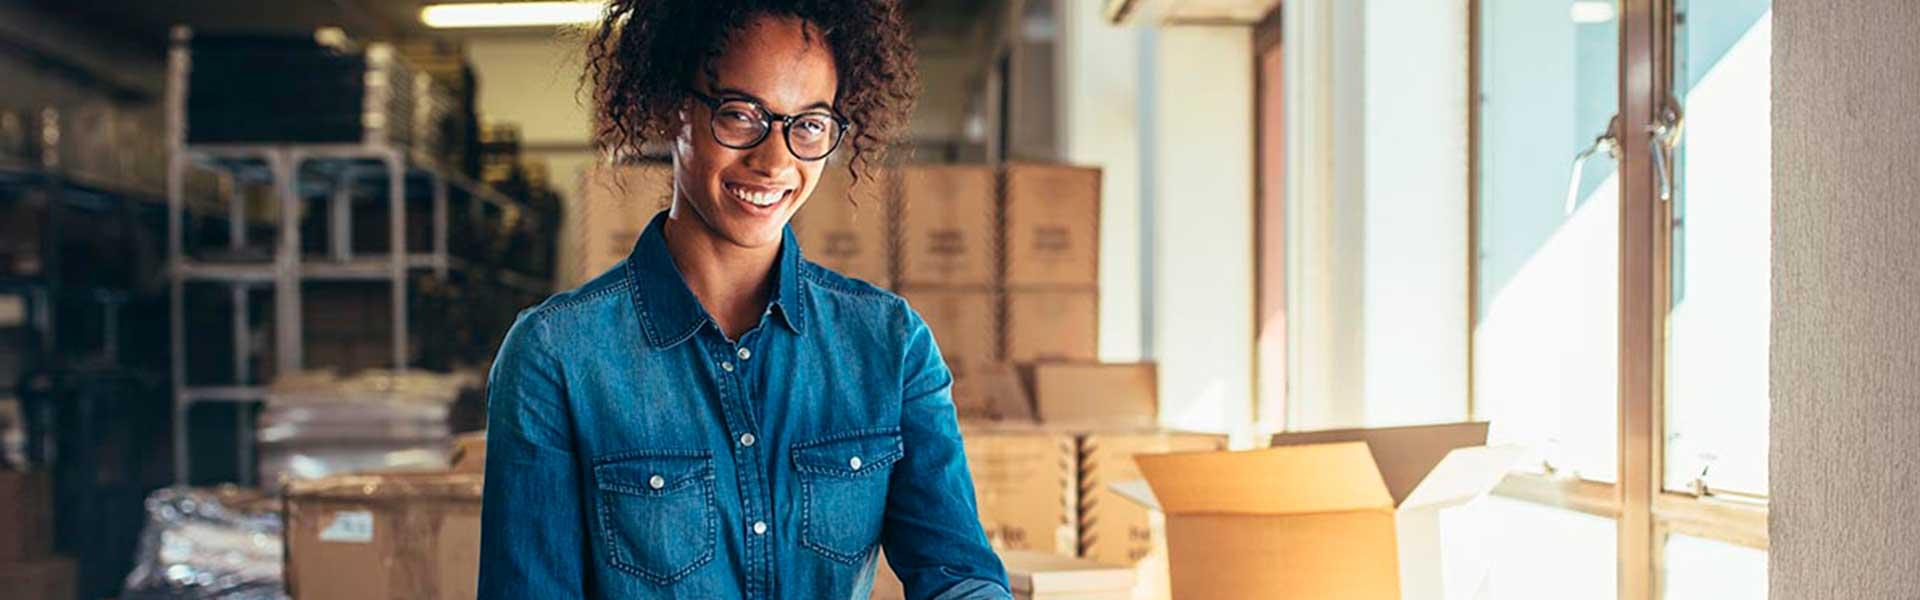 Jovem mulher empreendedora a sorrir enquanto delinea uma estratégia de vendas para o seu e-commerce